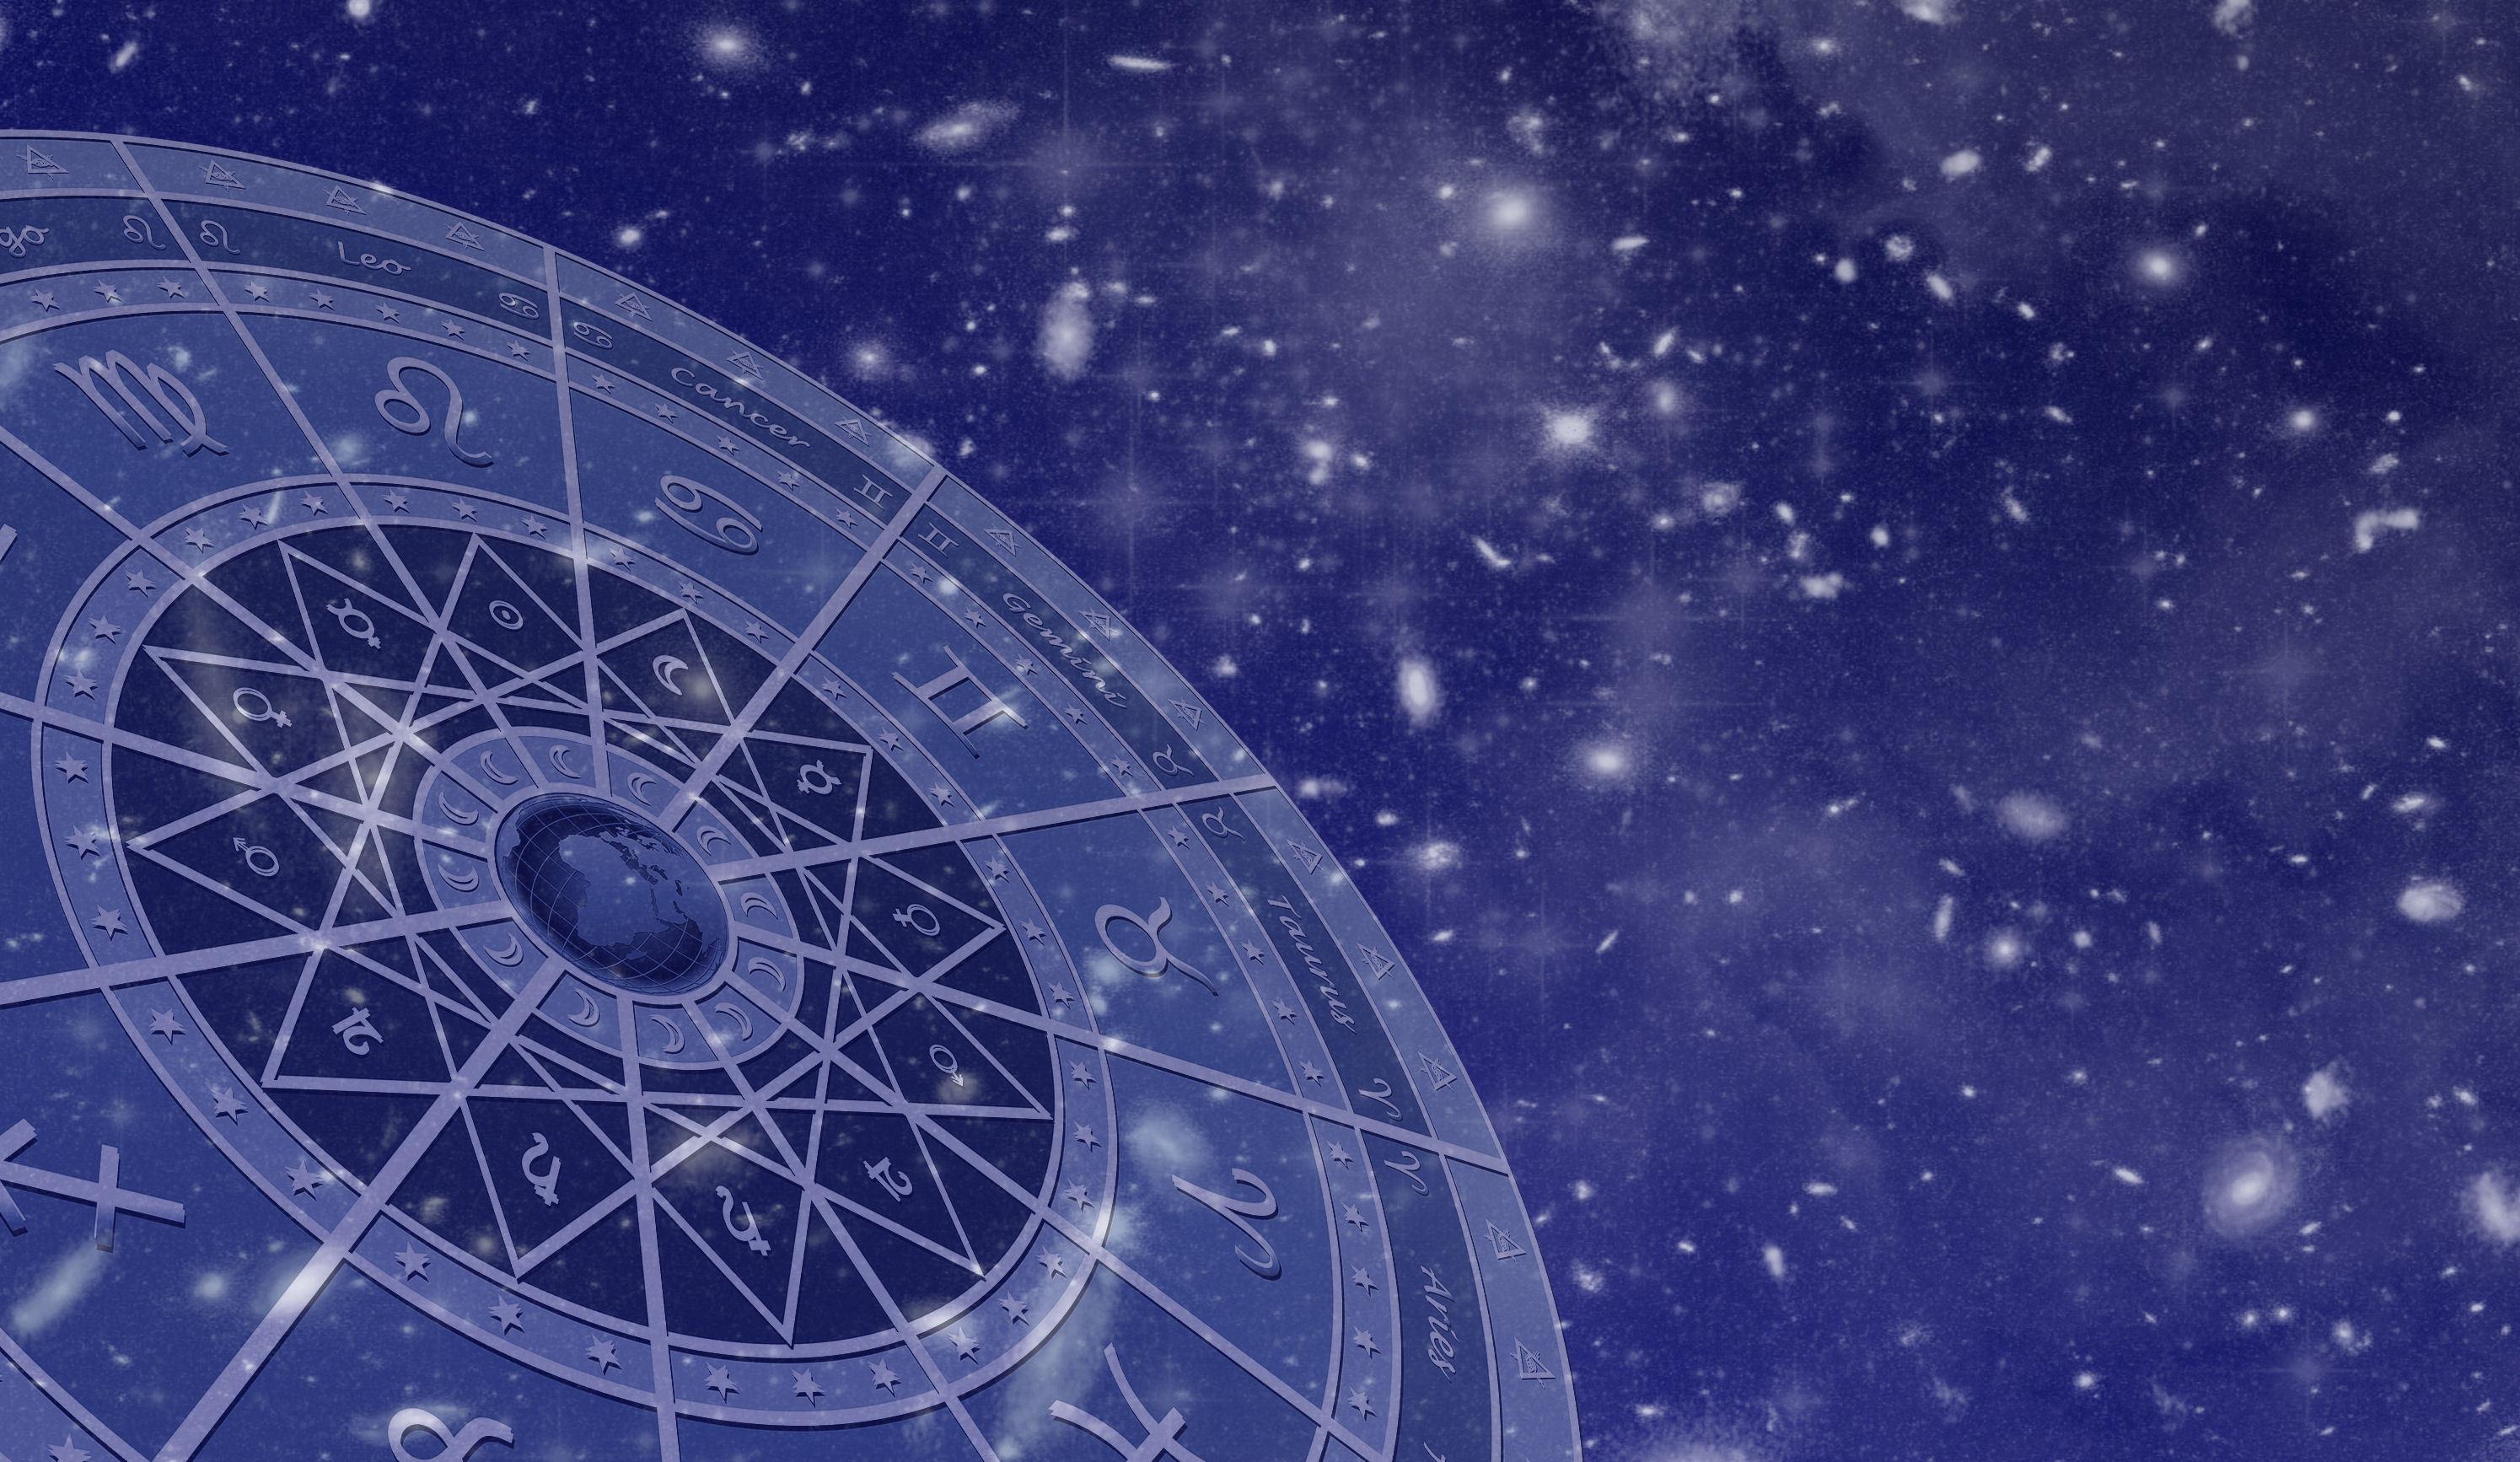 Картинки с зодиаками